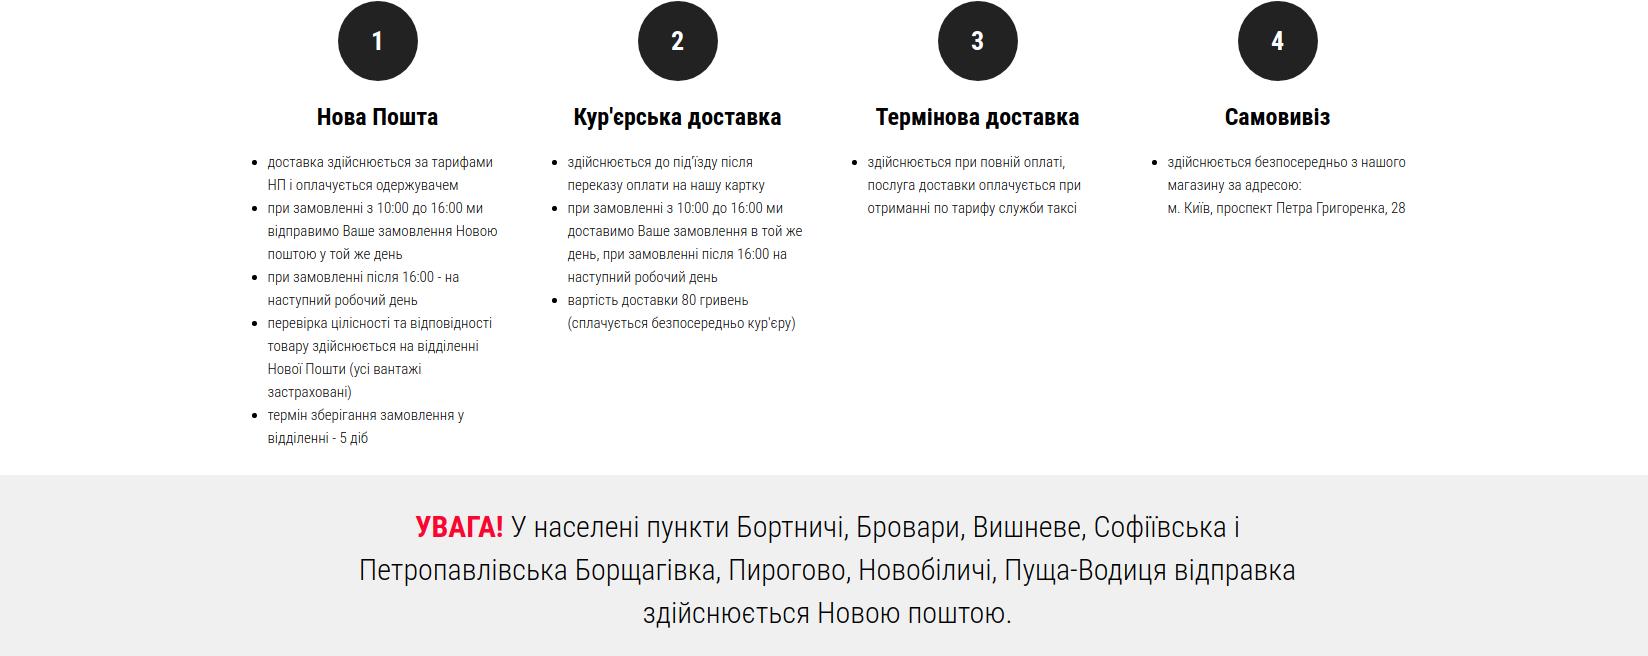 Лавка ЮА в Киеве, Доставка кальянов в Киеве, Все для кальяна в Киеве доставка, Доставка табака для кальяна в Киеве